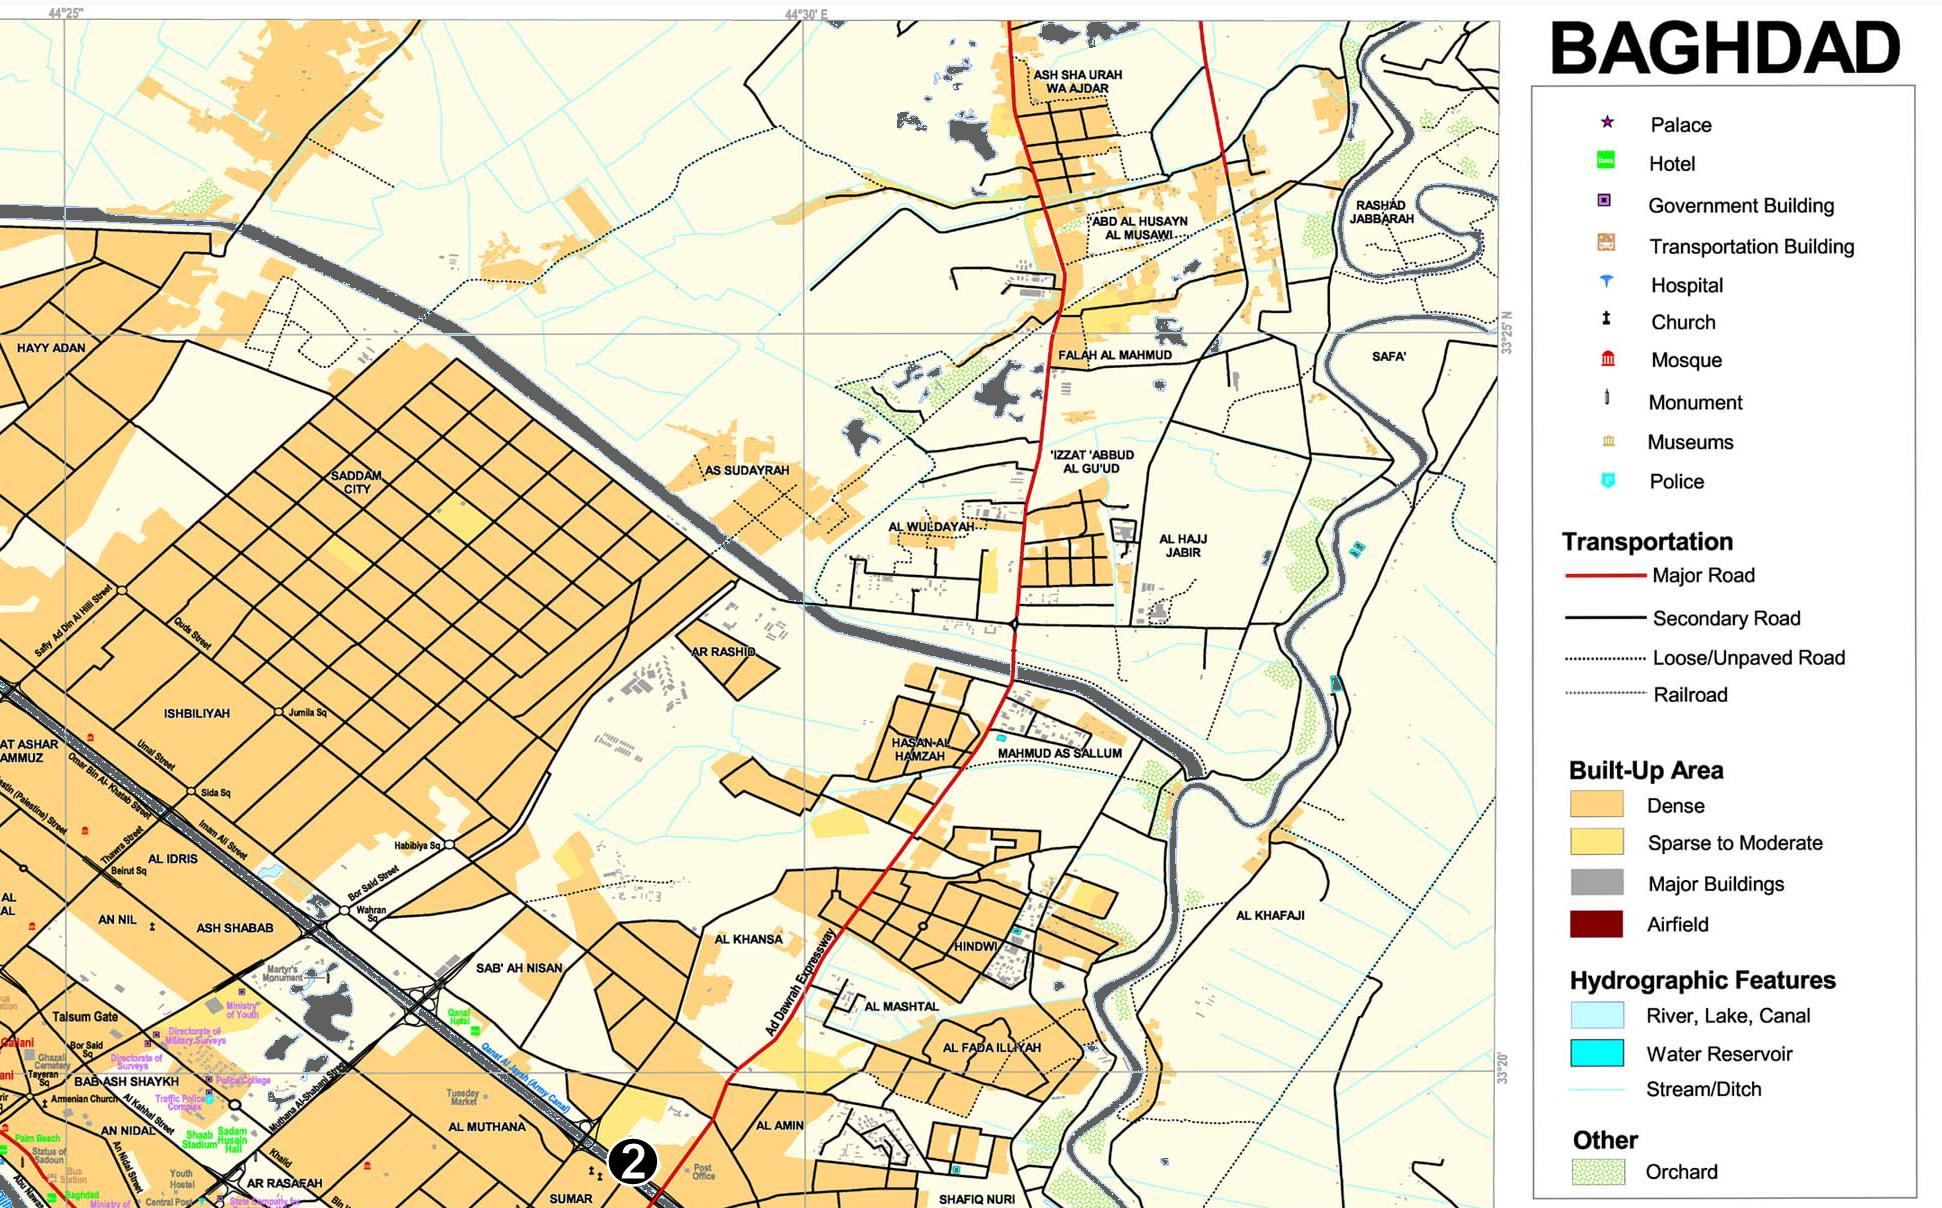 return to main baghdad map